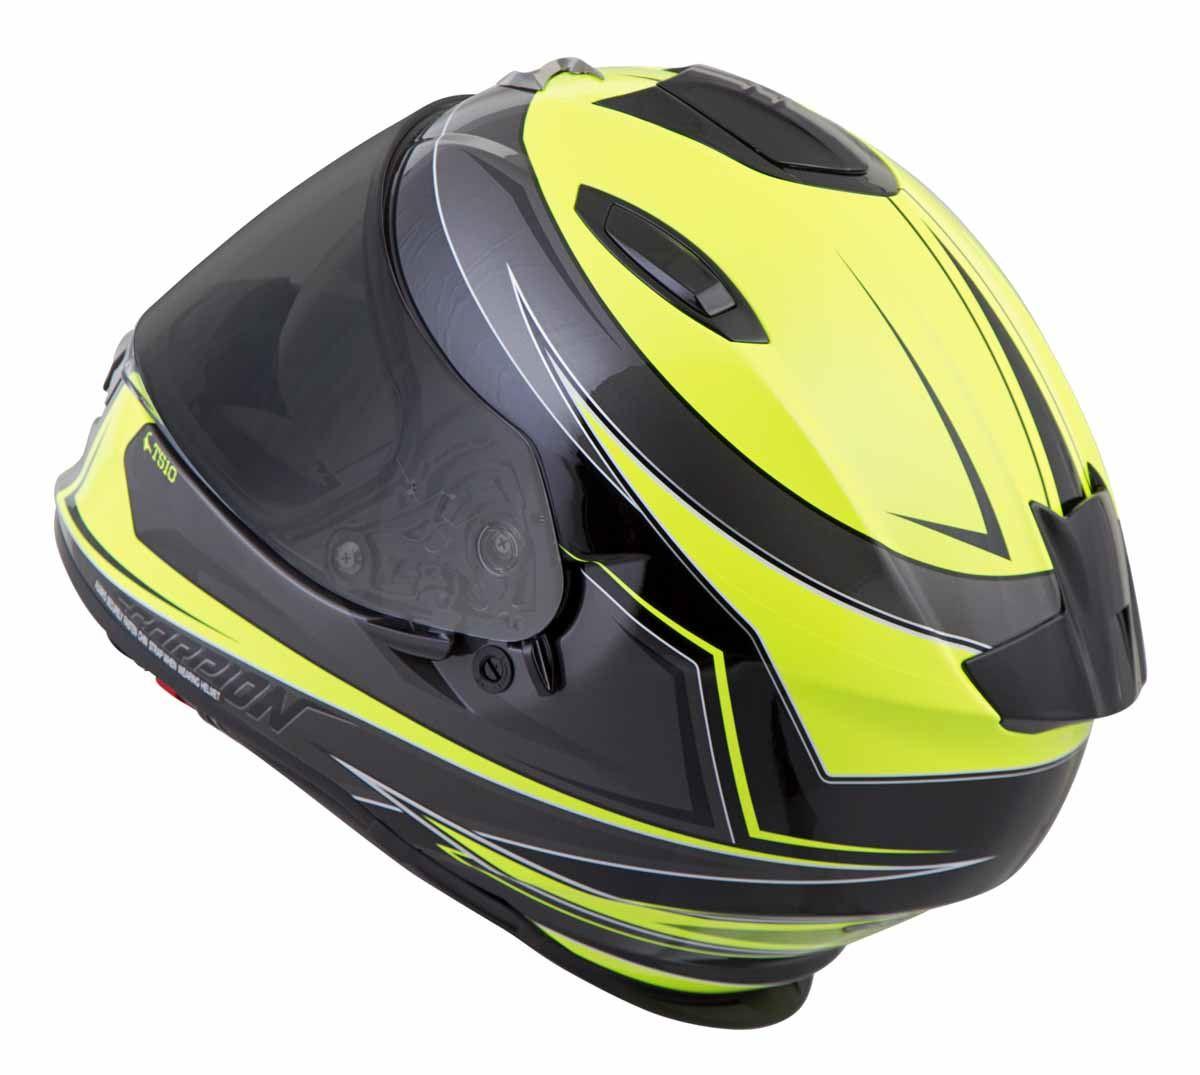 Scorpion-EXO-T510-Helmet-Full-Face-DOT-Approved-Inner-Sun-Shield miniature 42